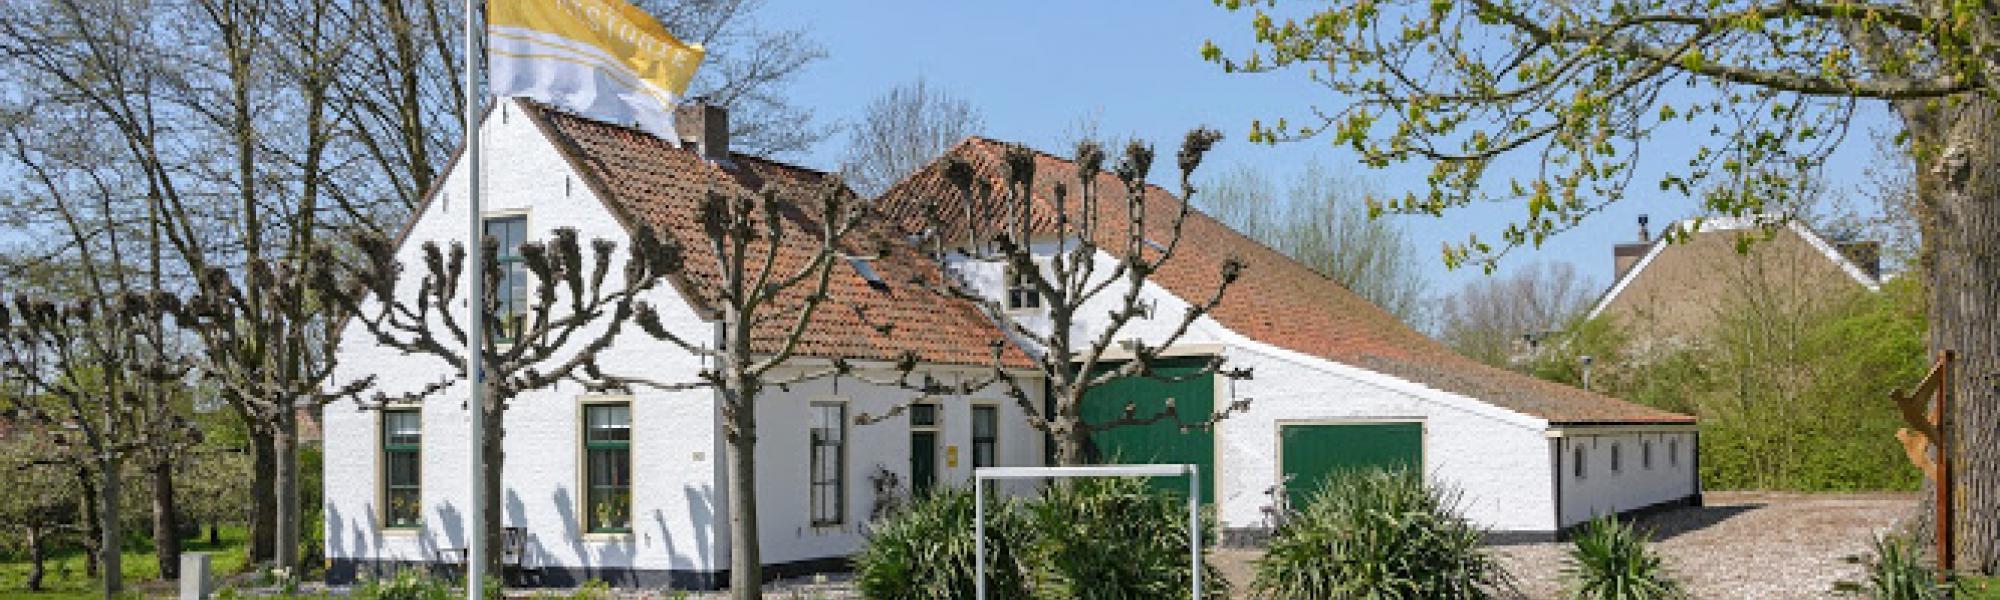 Witte Boerderij van Kees van der Veer